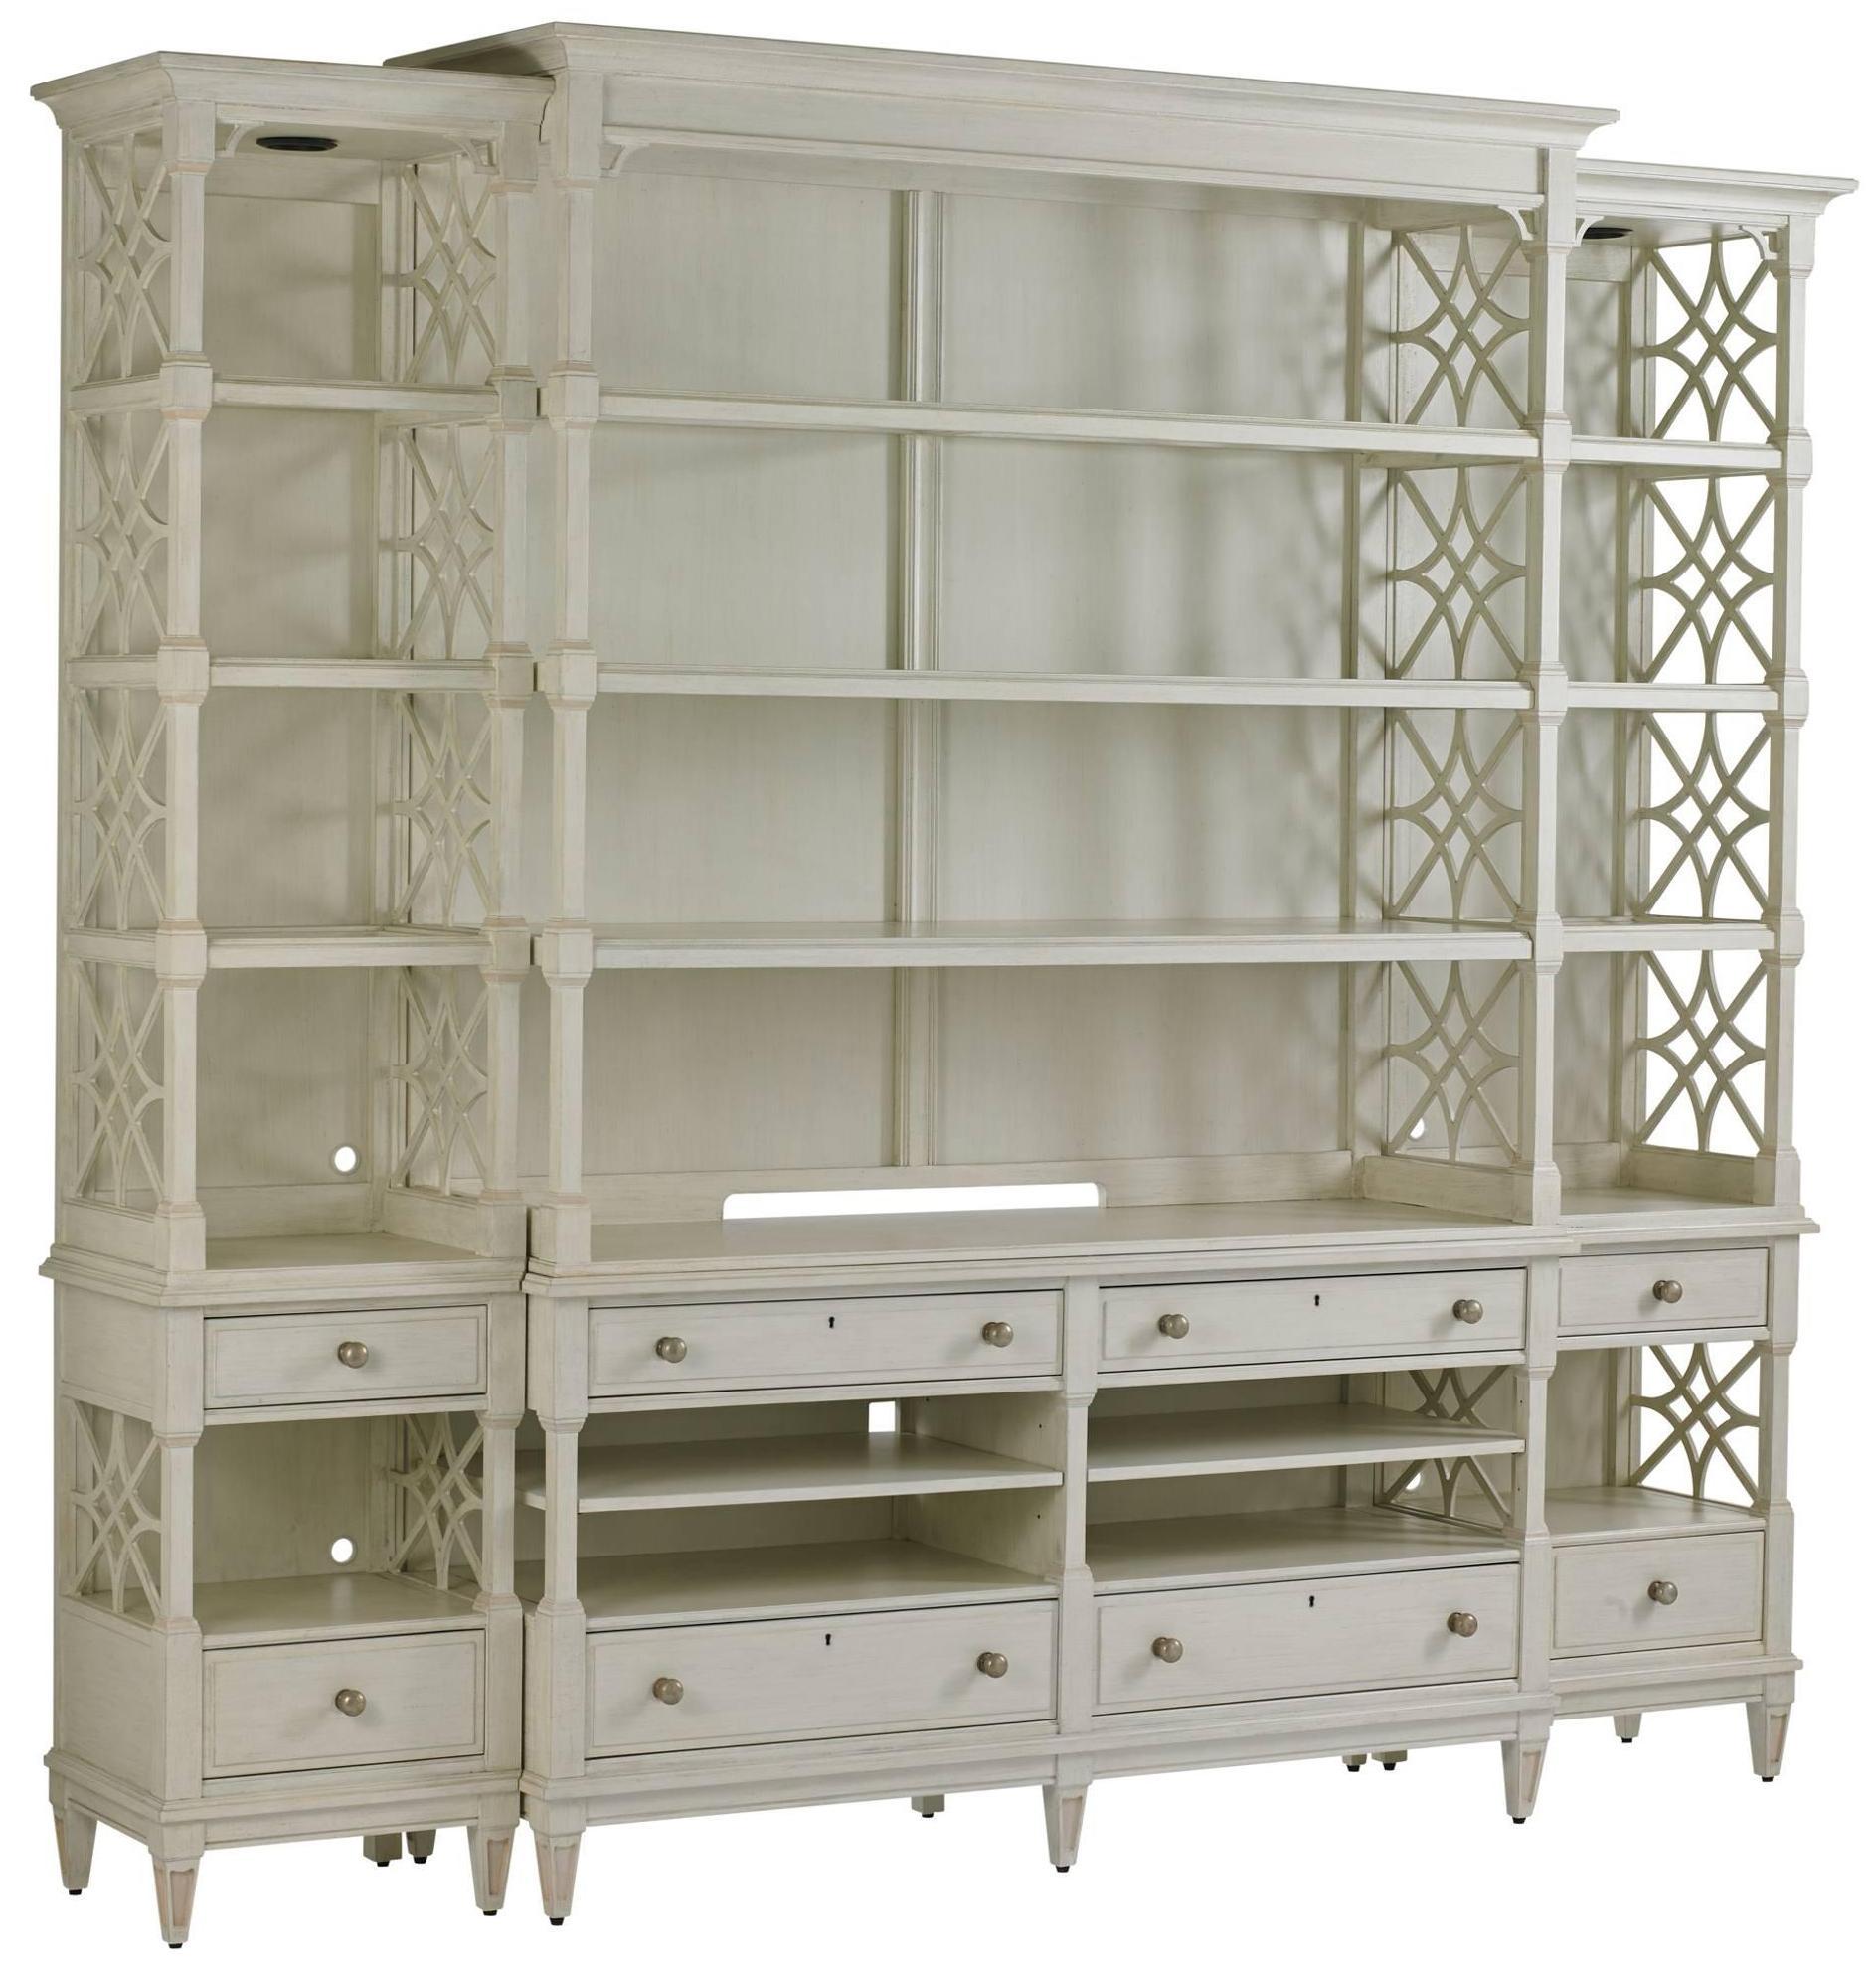 Stanley Furniture Preserve Pavillion Media Bookcase - Item Number: 340-25-31